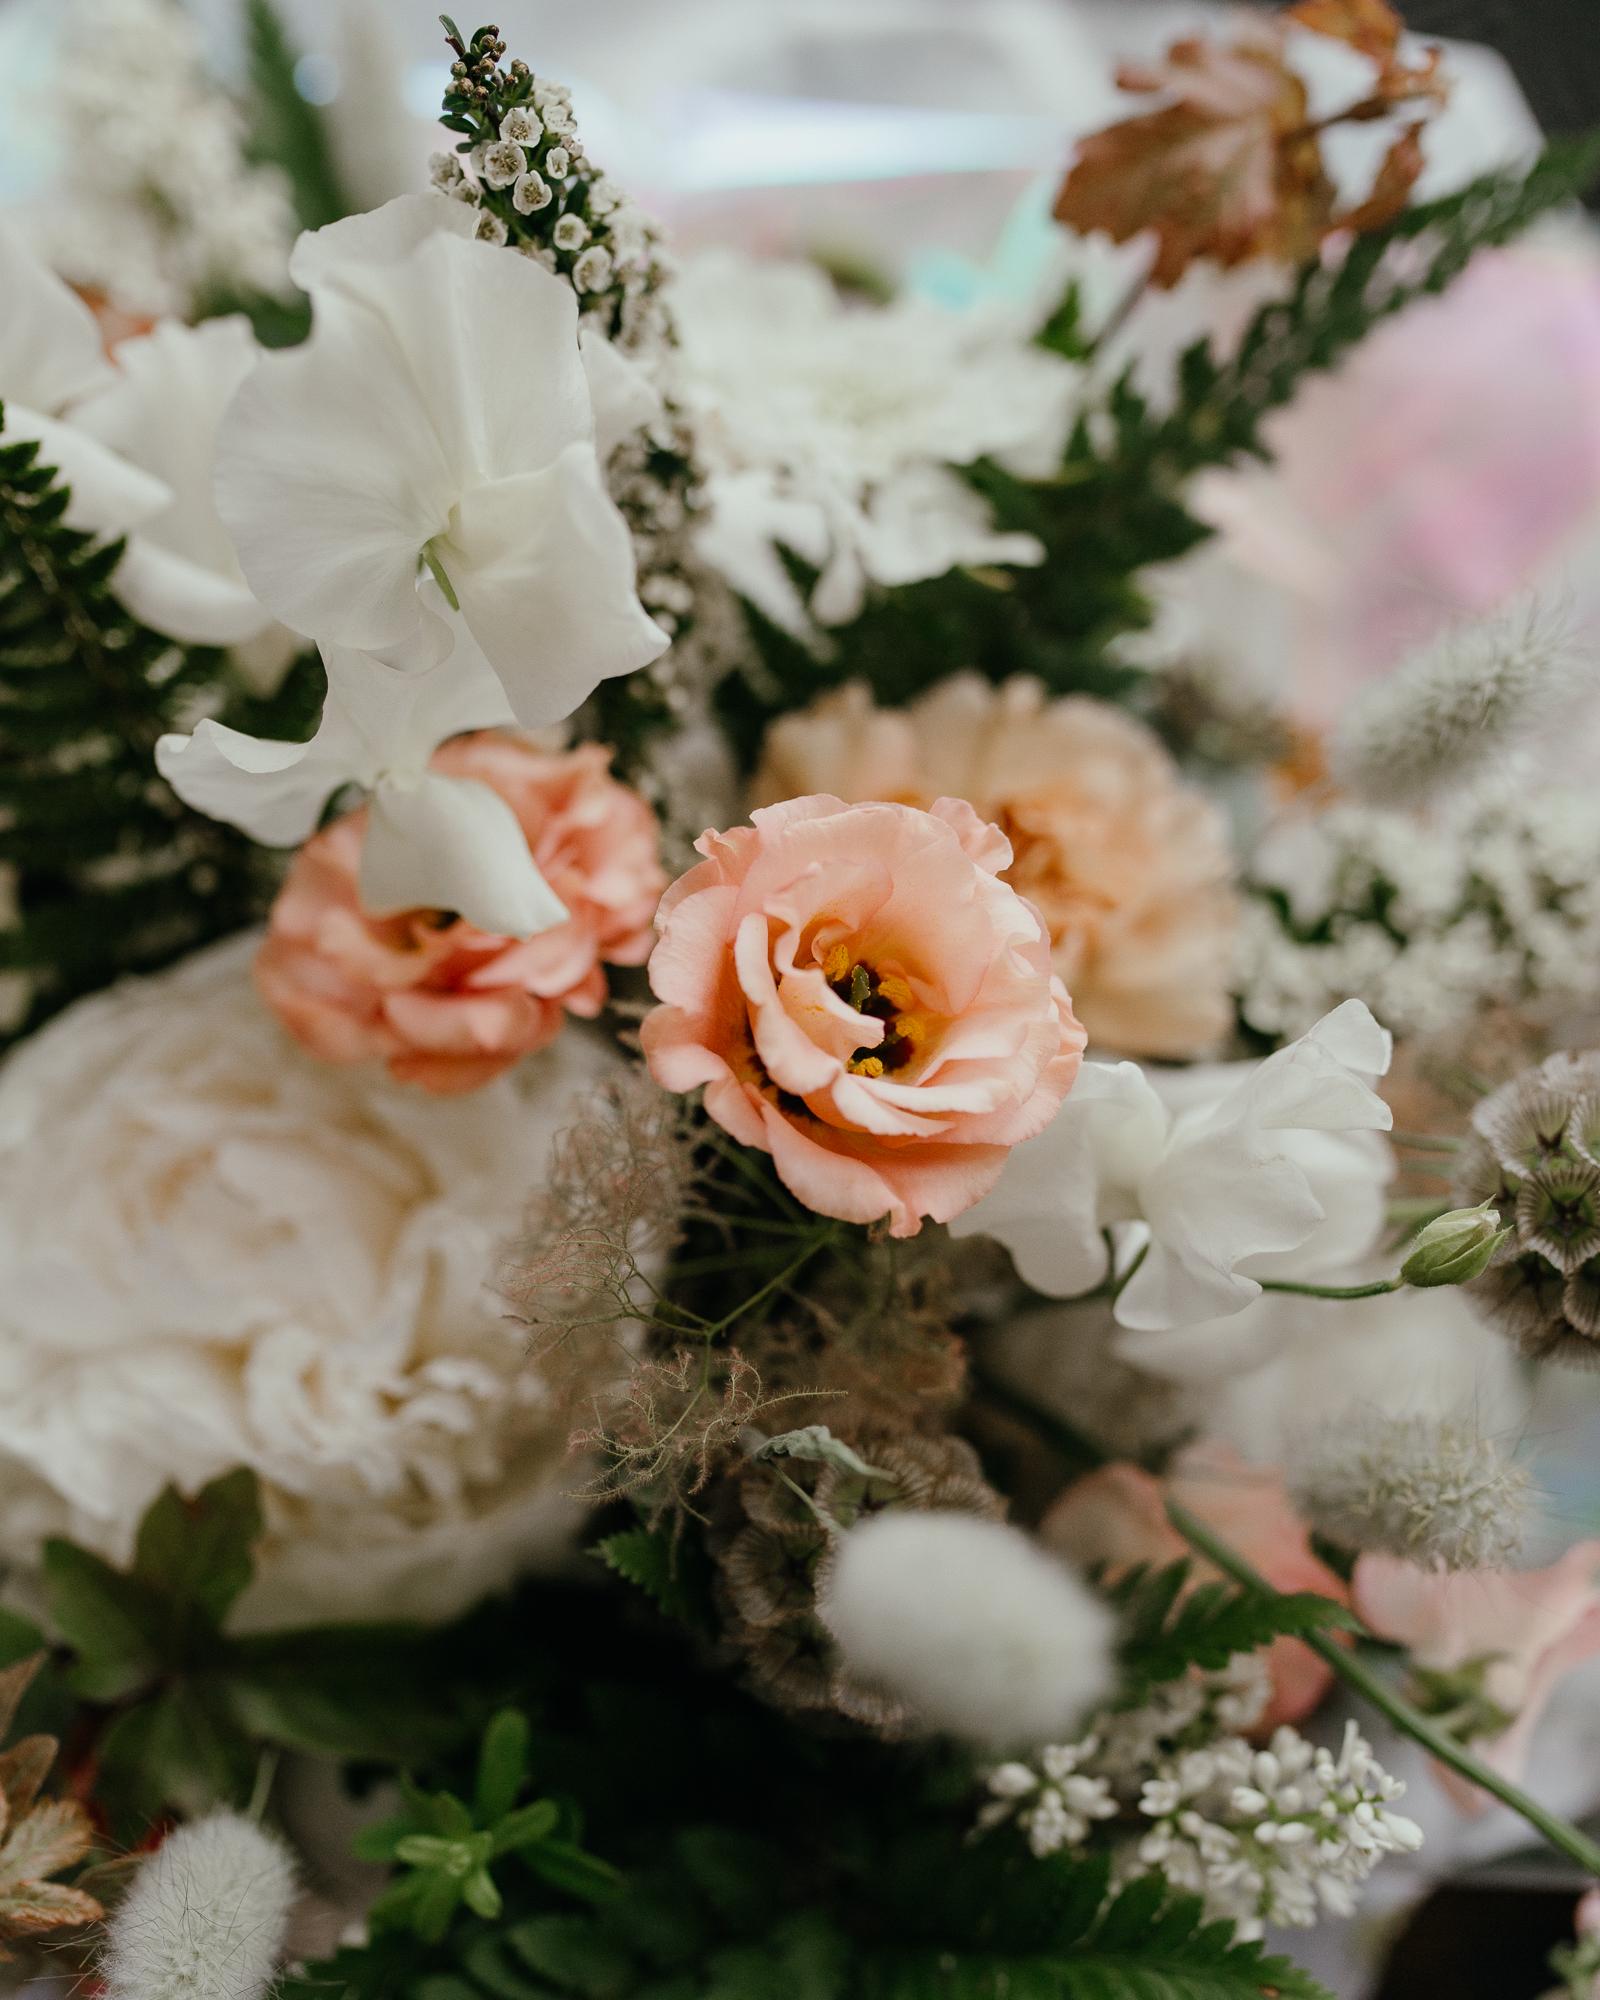 details of bridal bouquet